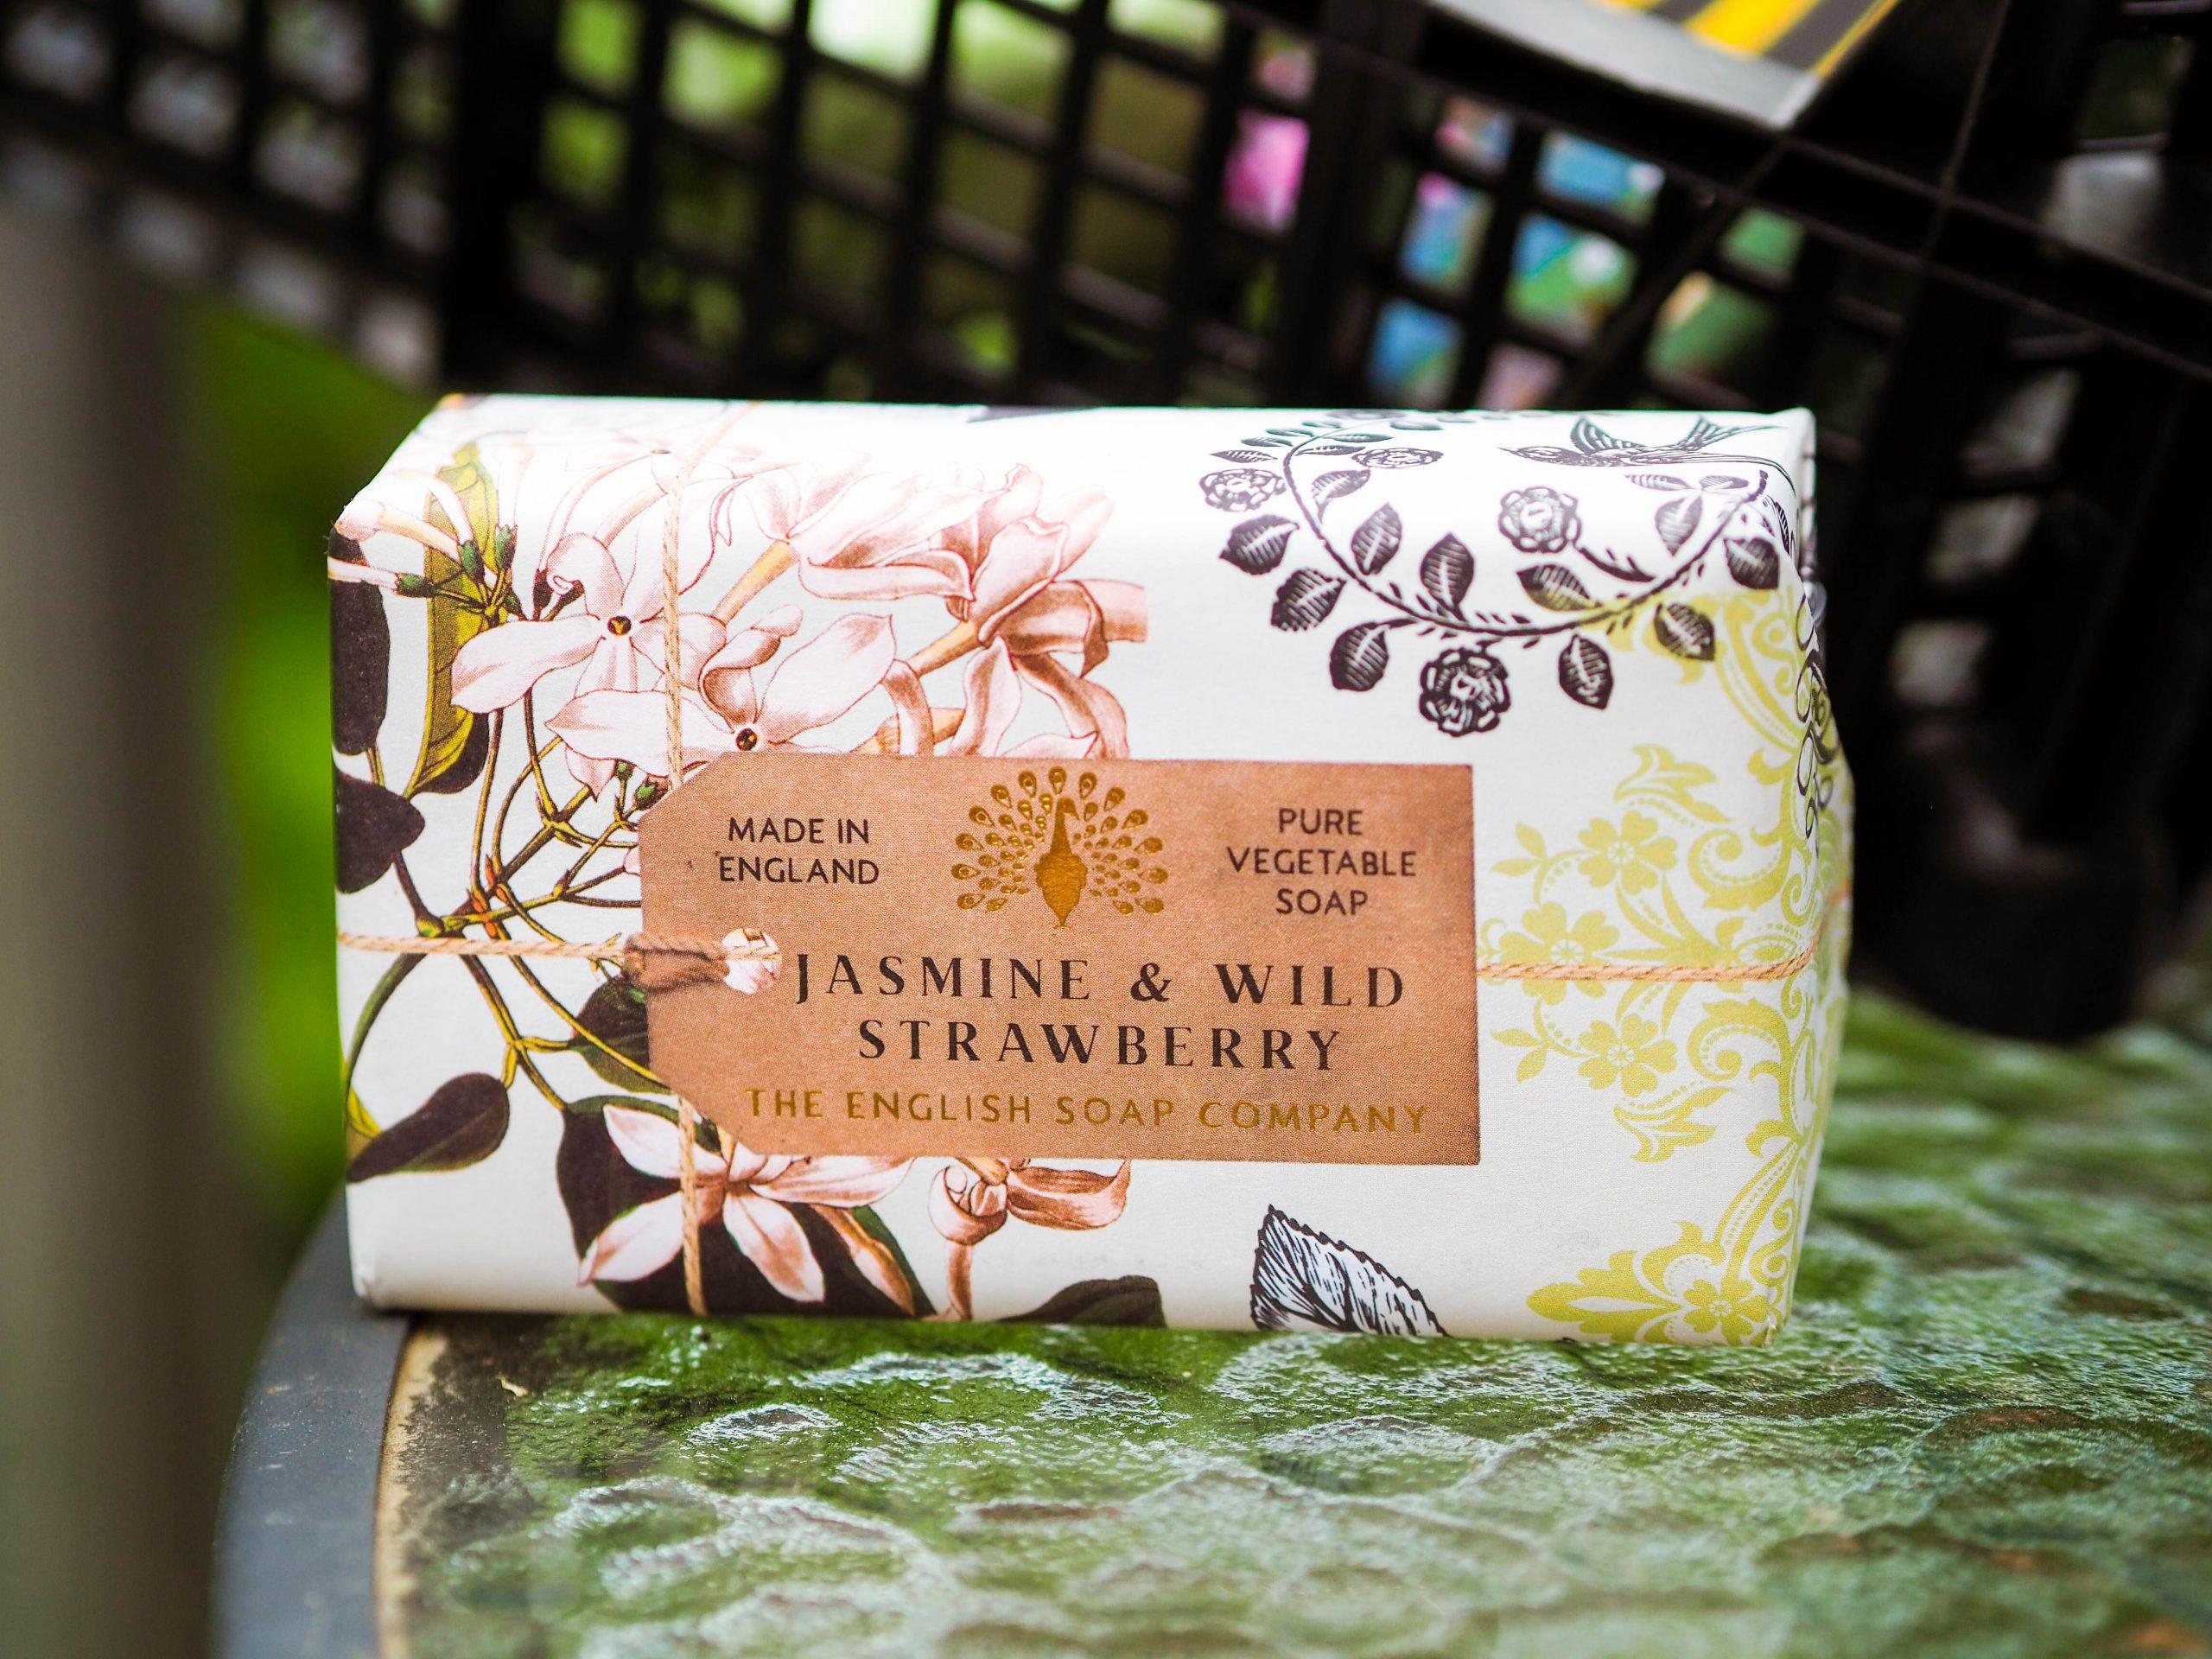 English Soap Company Jasmine and Wild Strawberry Soap Bar